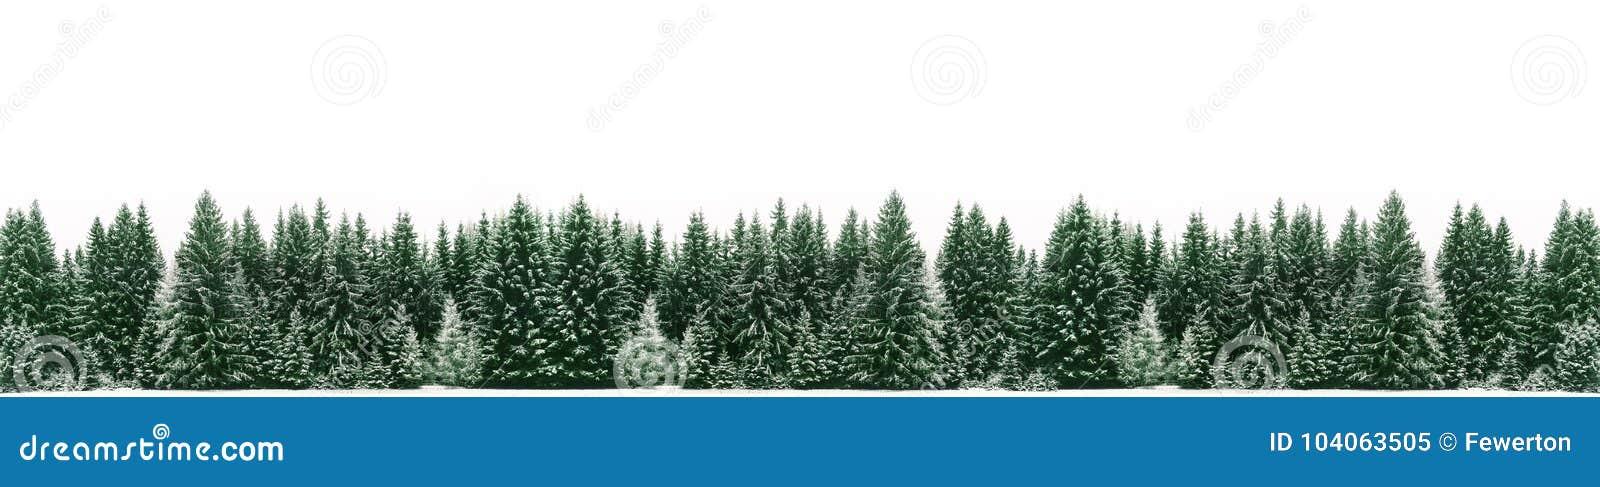 Panorama de la forêt impeccable d arbre couverte par la neige fraîche pendant le temps de Noël d hiver